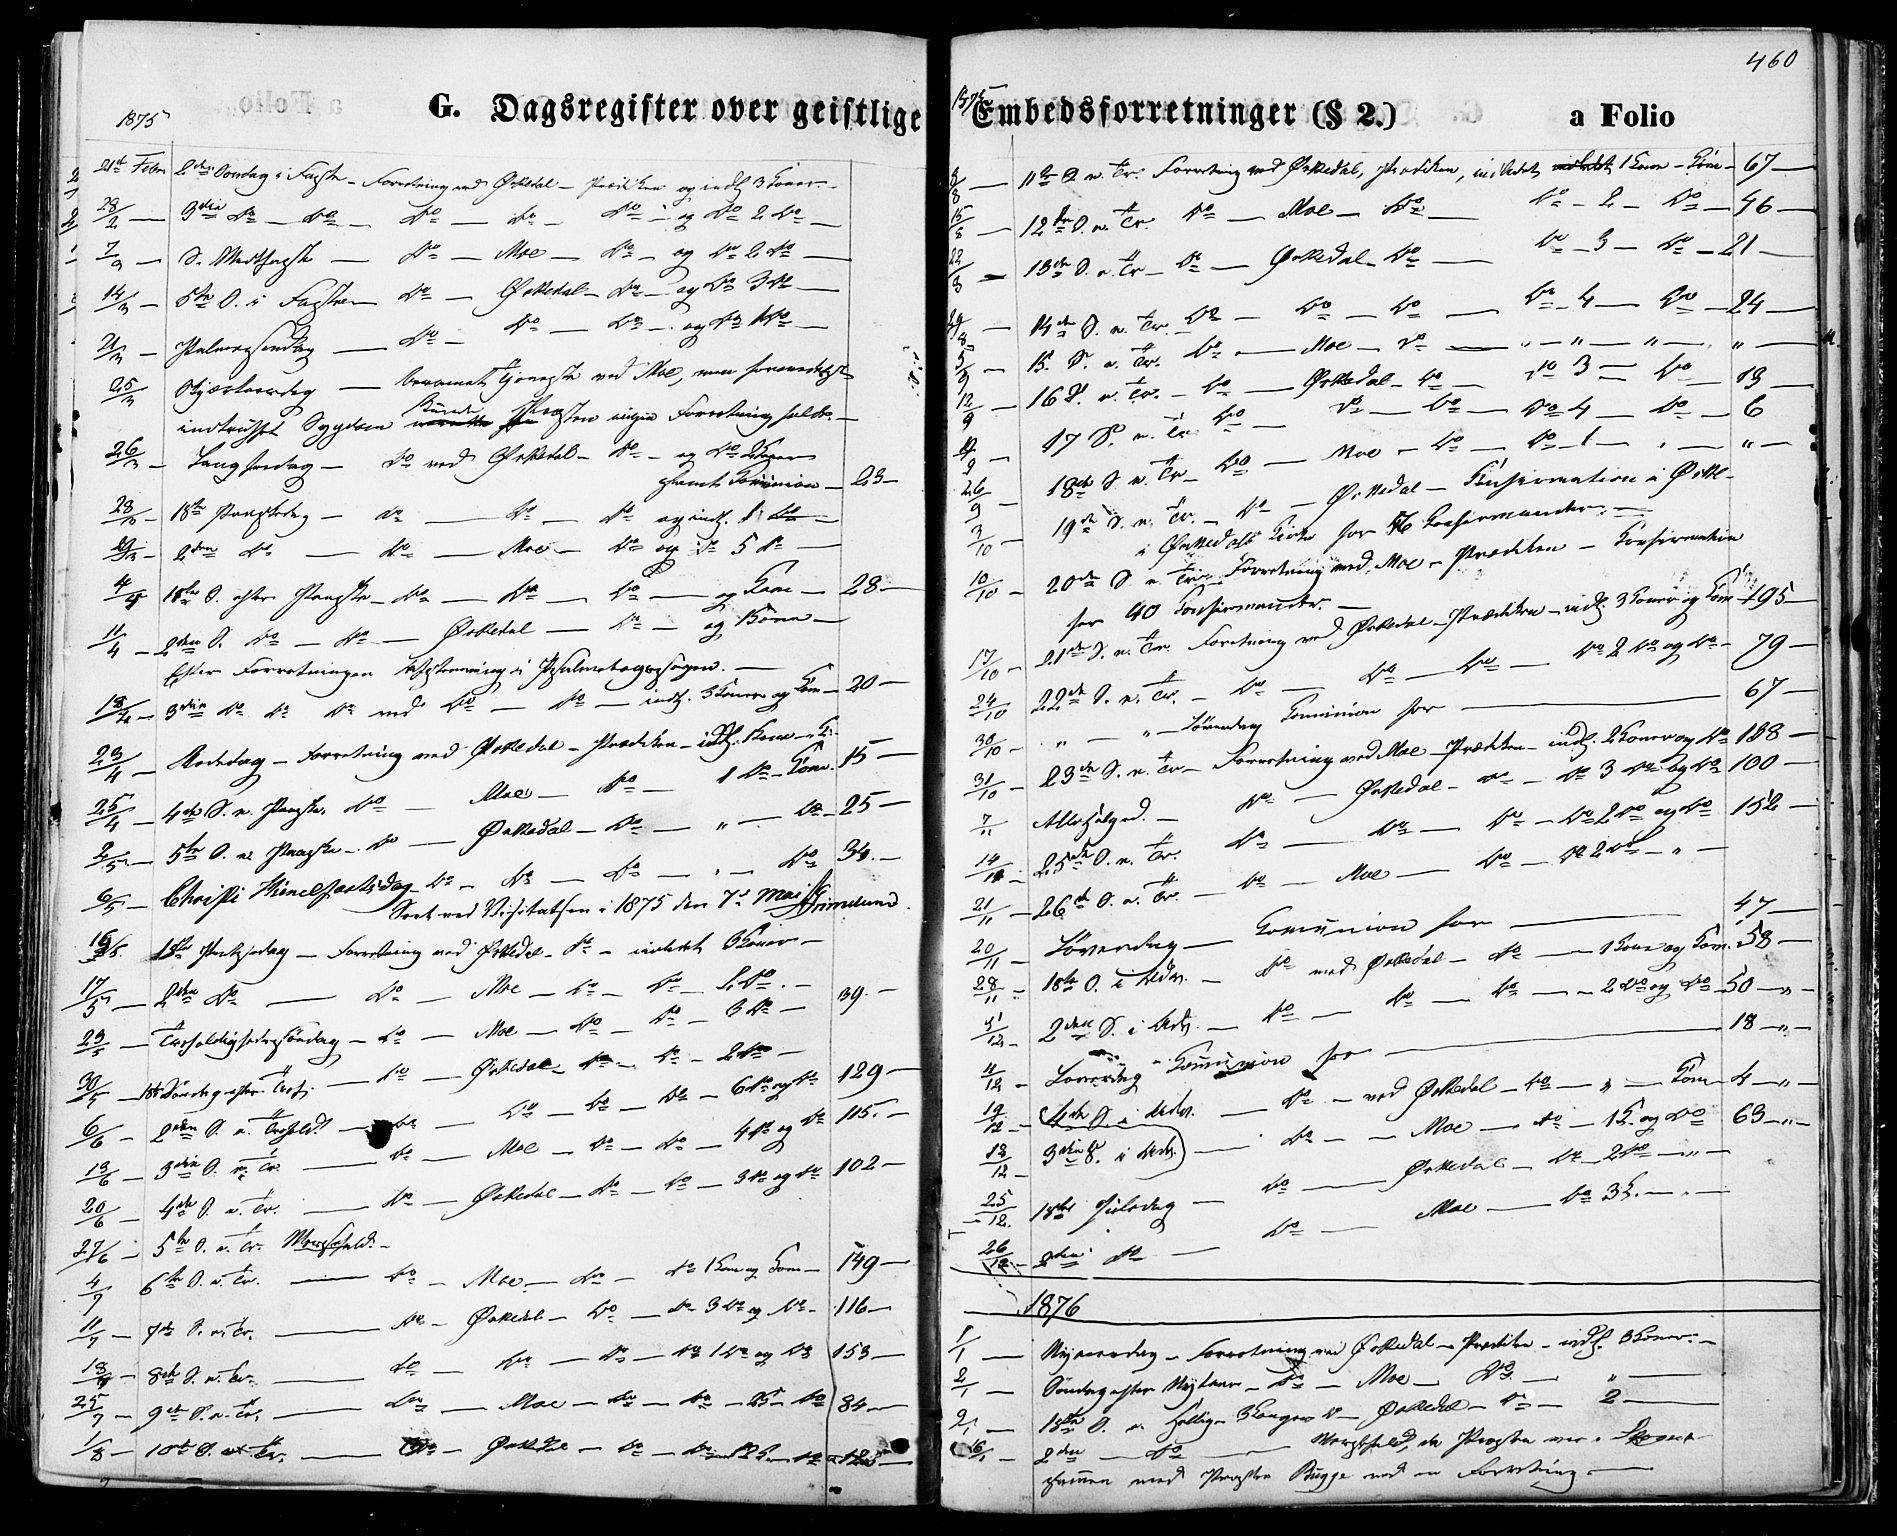 SAT, Ministerialprotokoller, klokkerbøker og fødselsregistre - Sør-Trøndelag, 668/L0807: Ministerialbok nr. 668A07, 1870-1880, s. 460